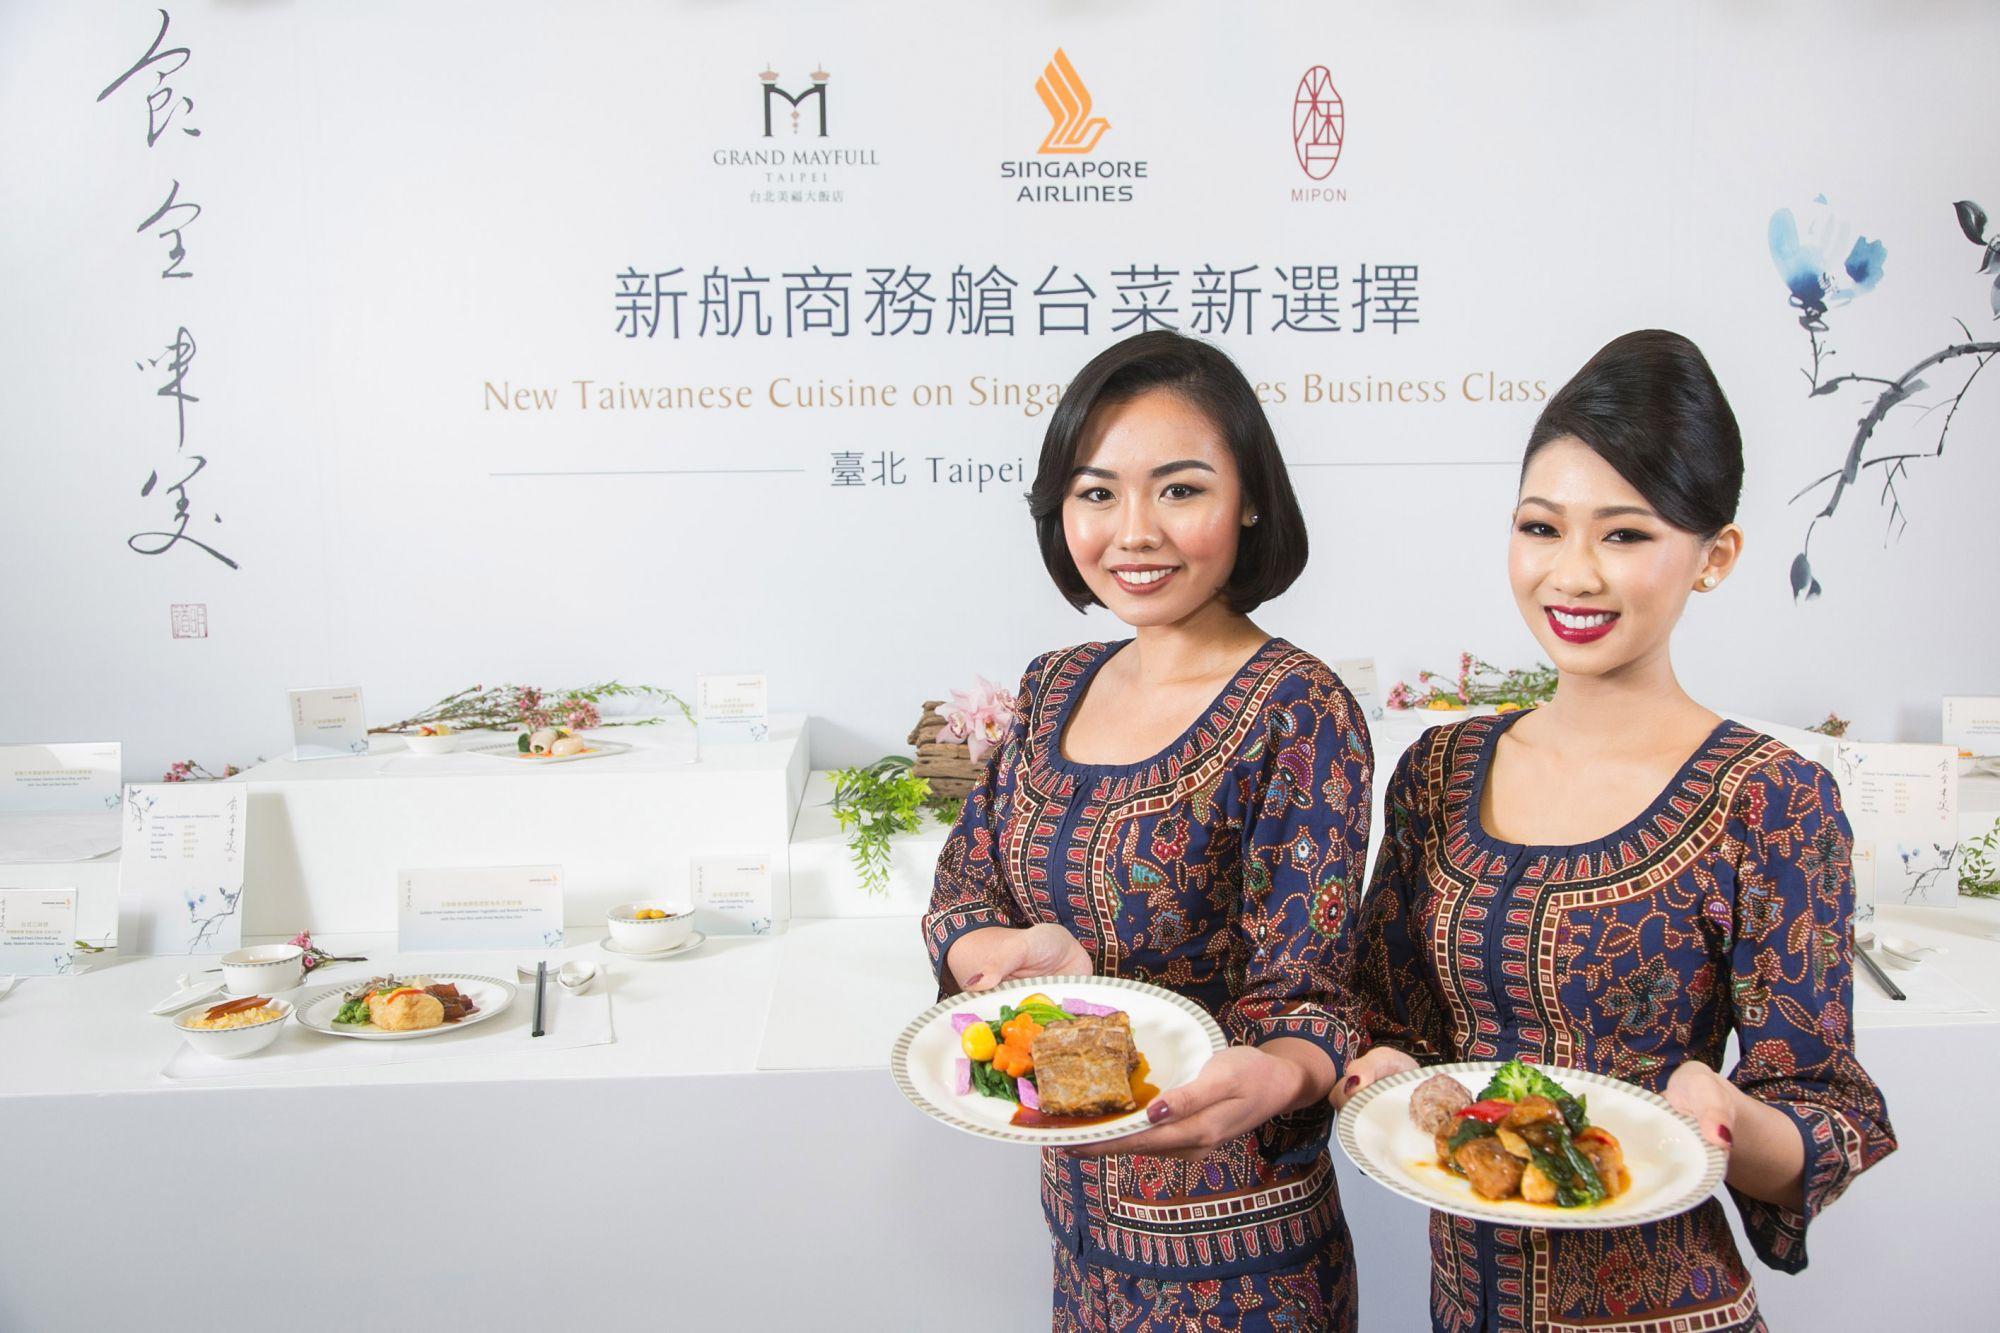 新加坡航空 X 台北美福大飯店米香餐聽!商務艙乘客專屬限定品嘗當令道地台菜